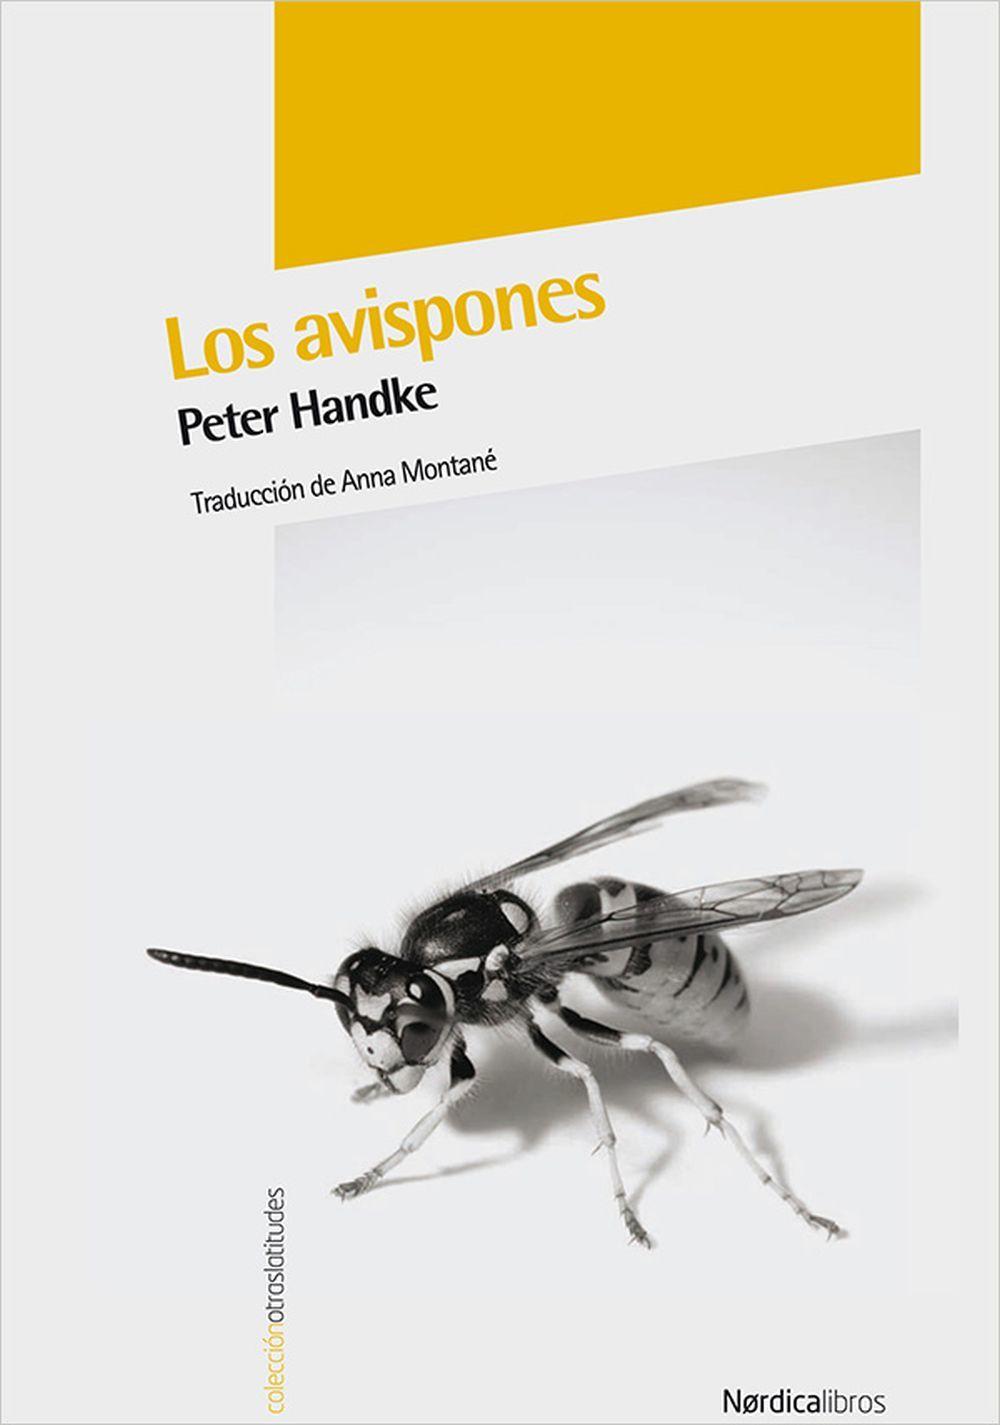 Los avispones, de Peter Handke, editorial Nórdica